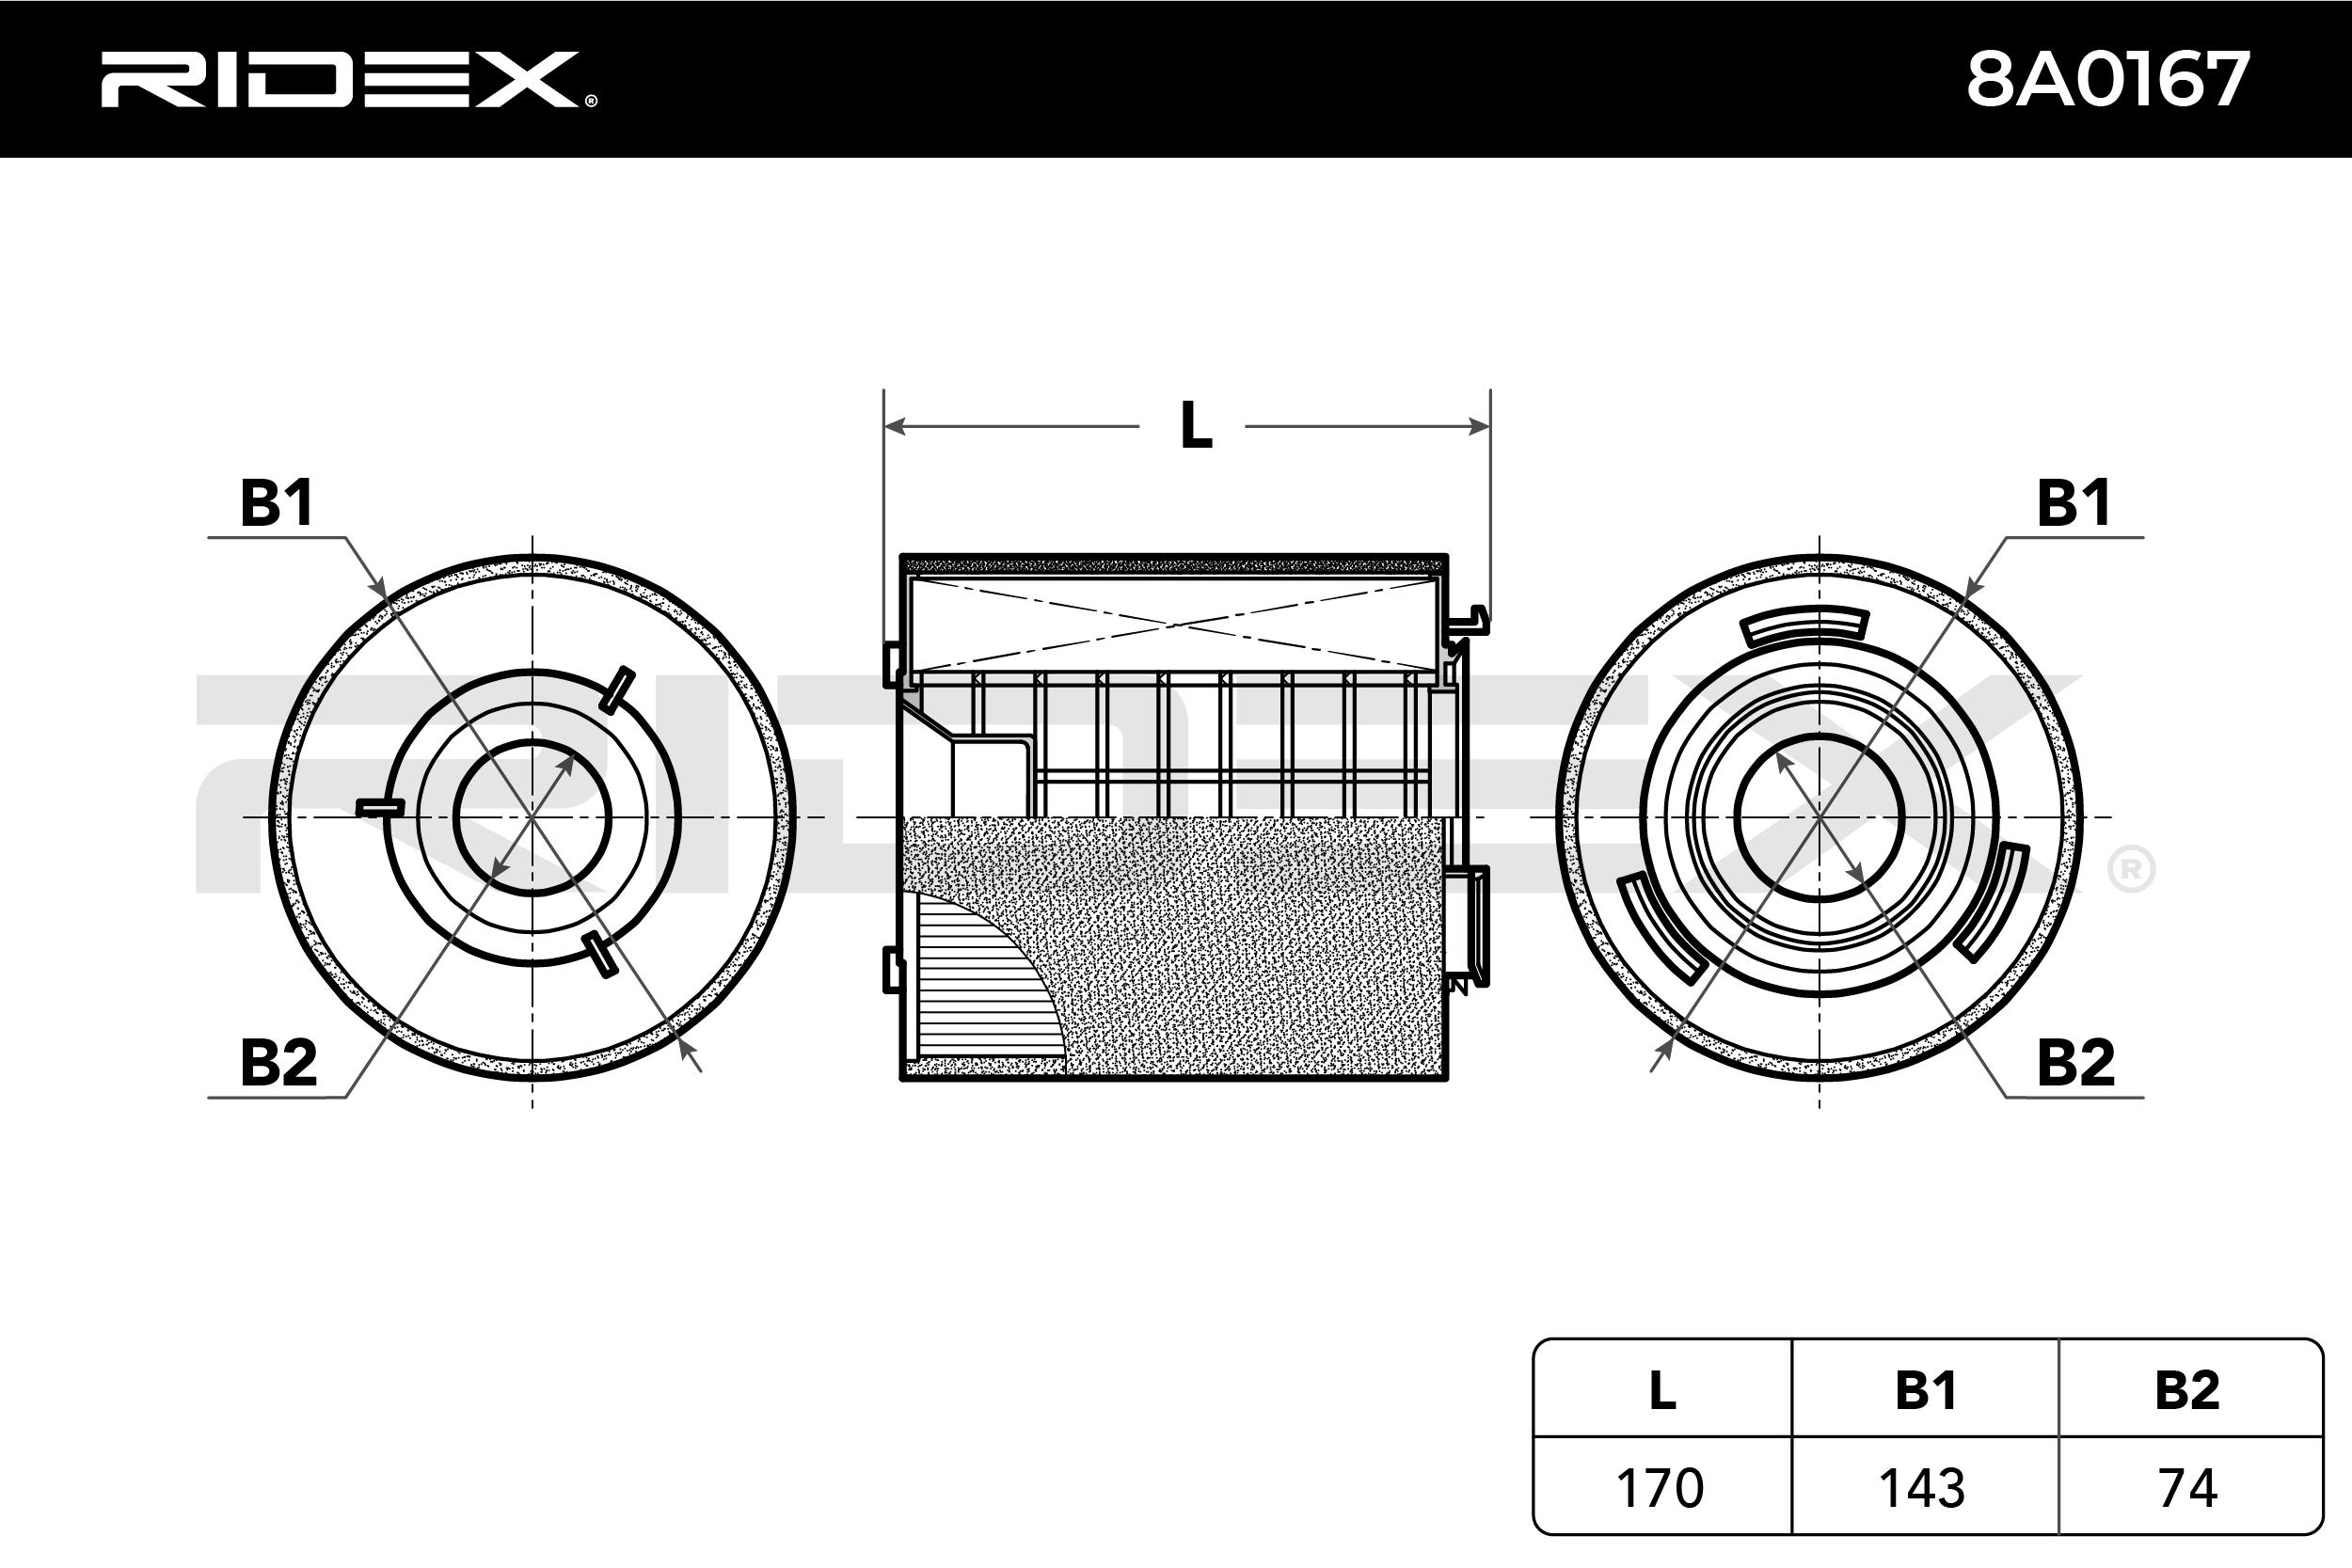 Artikelnummer 8A0167 RIDEX Preise